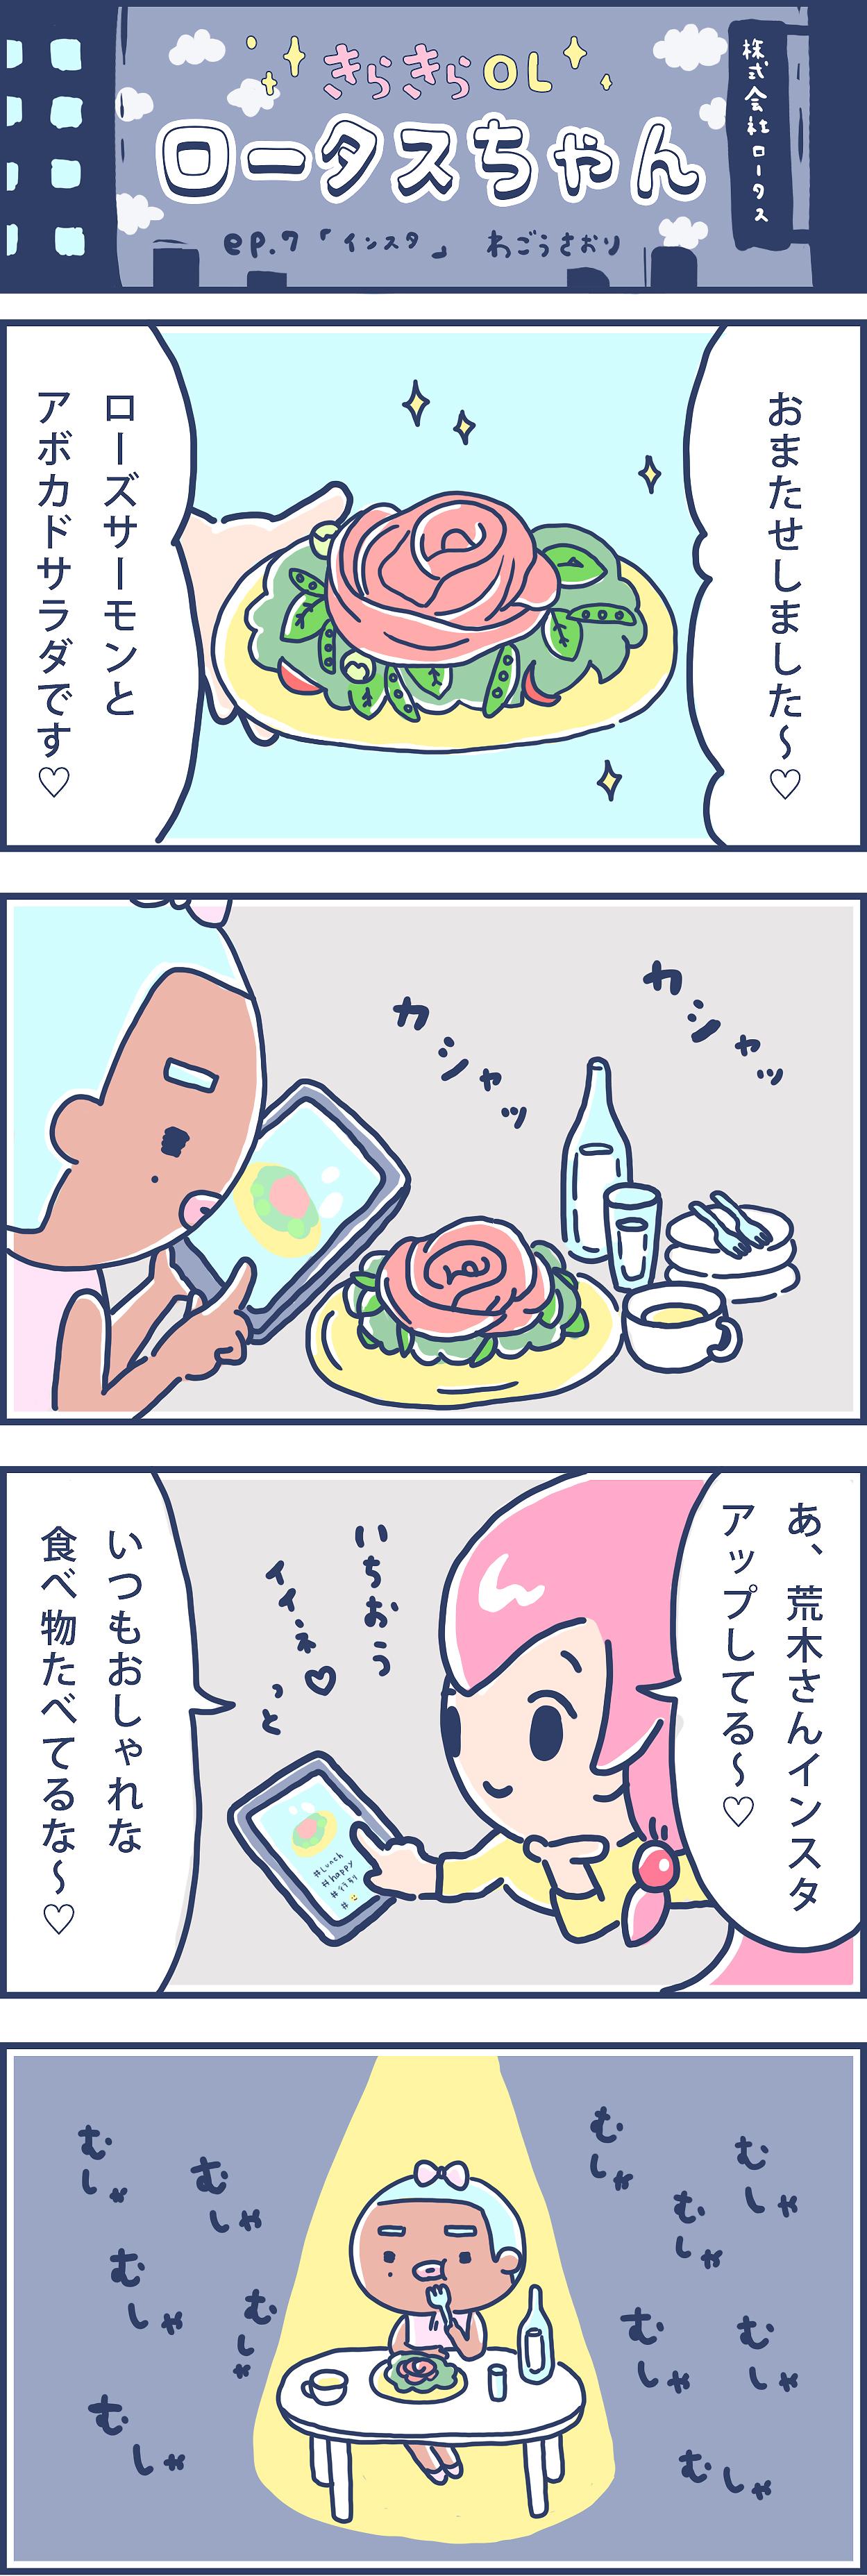 きらきらOLロータスちゃん ep6「インスタ」わごうさおり